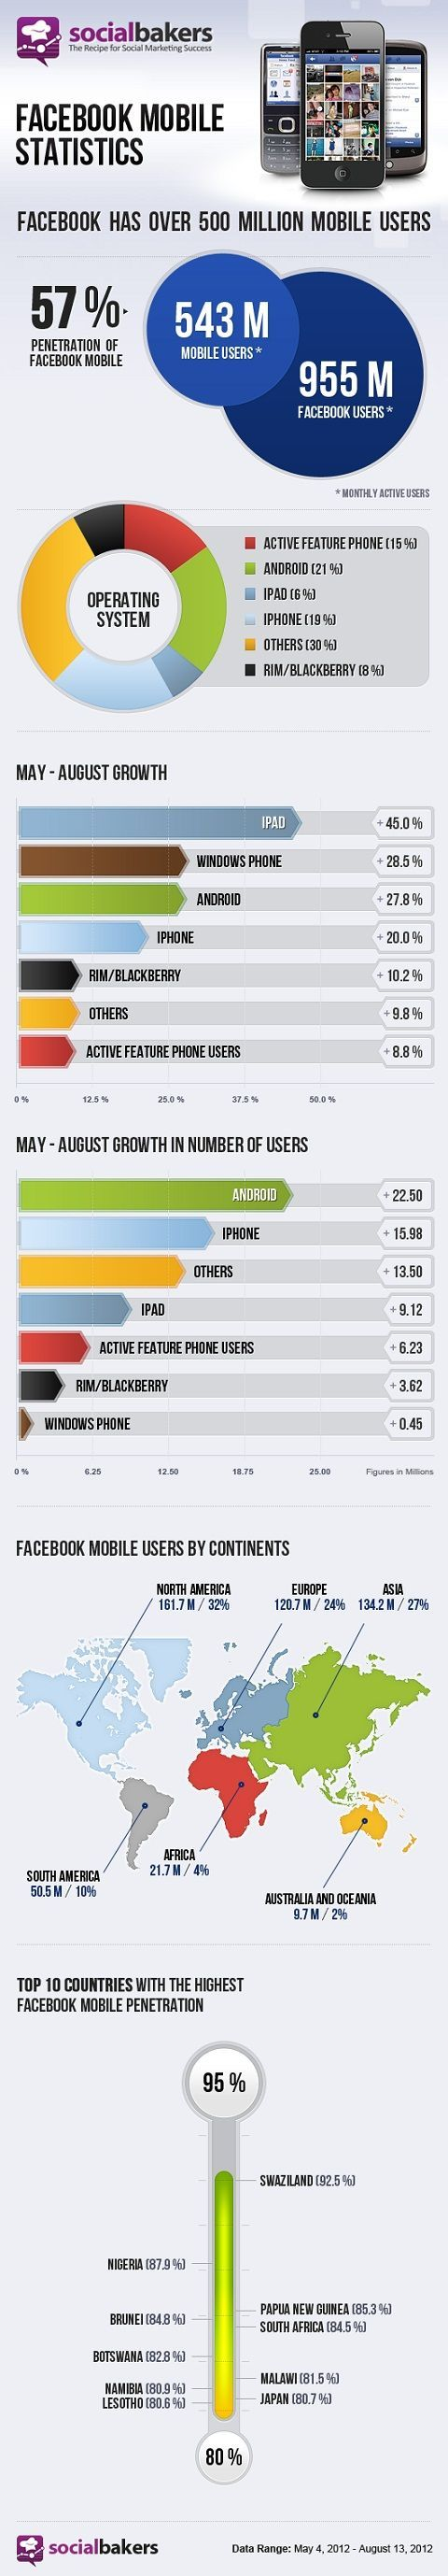 페이스북 모바일 통계 자료^^